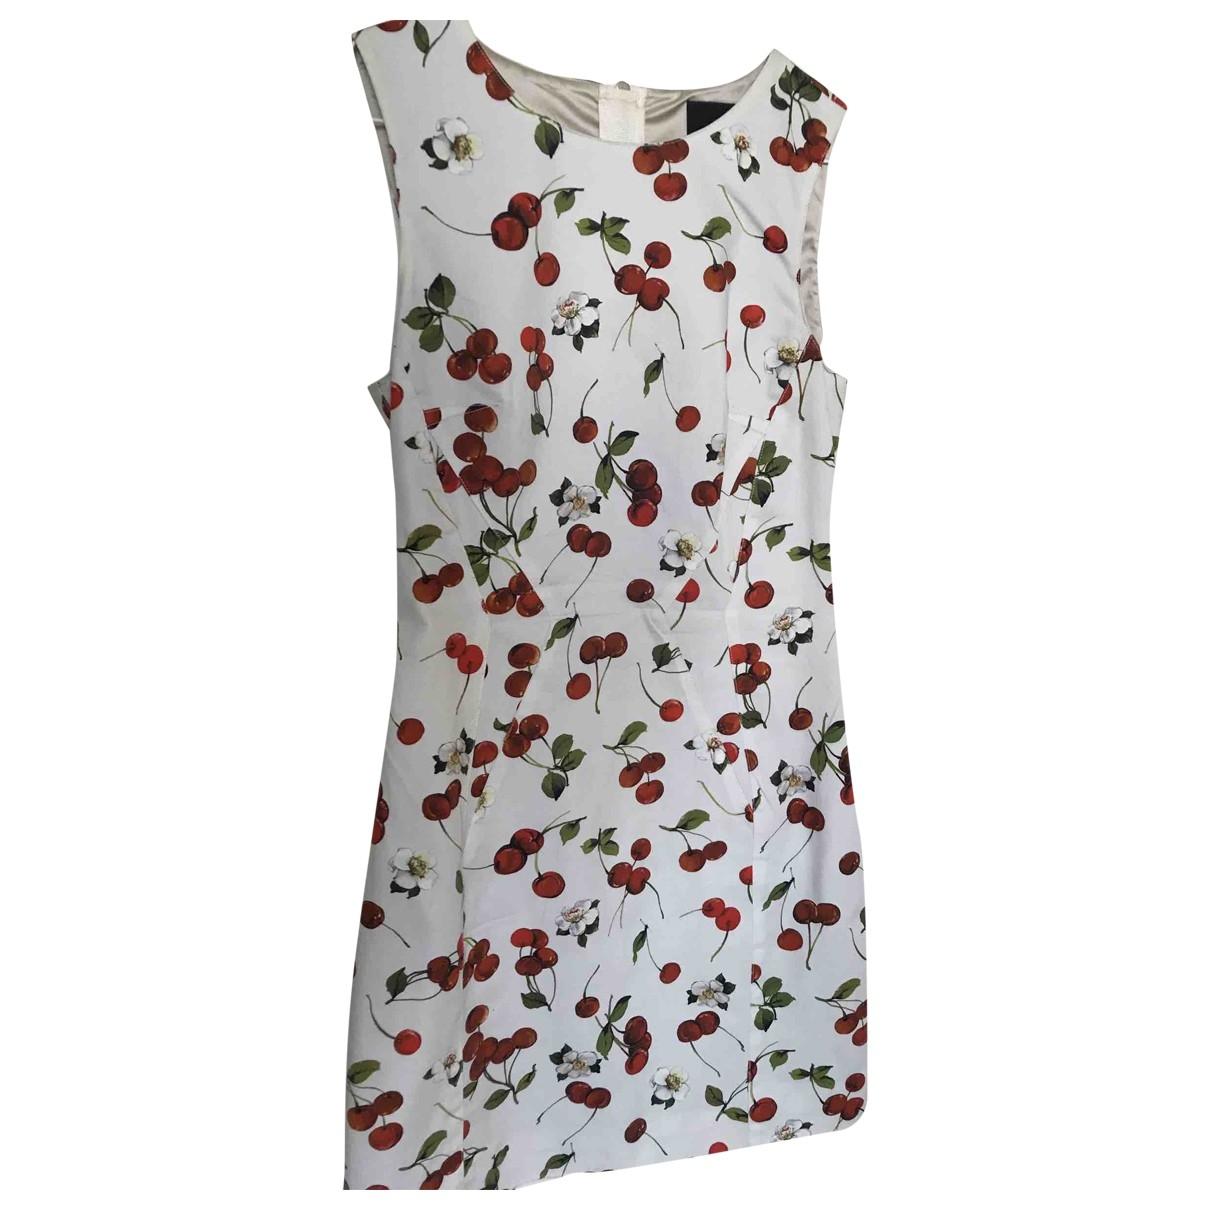 D&g \N Multicolour Cotton dress for Women 38 IT